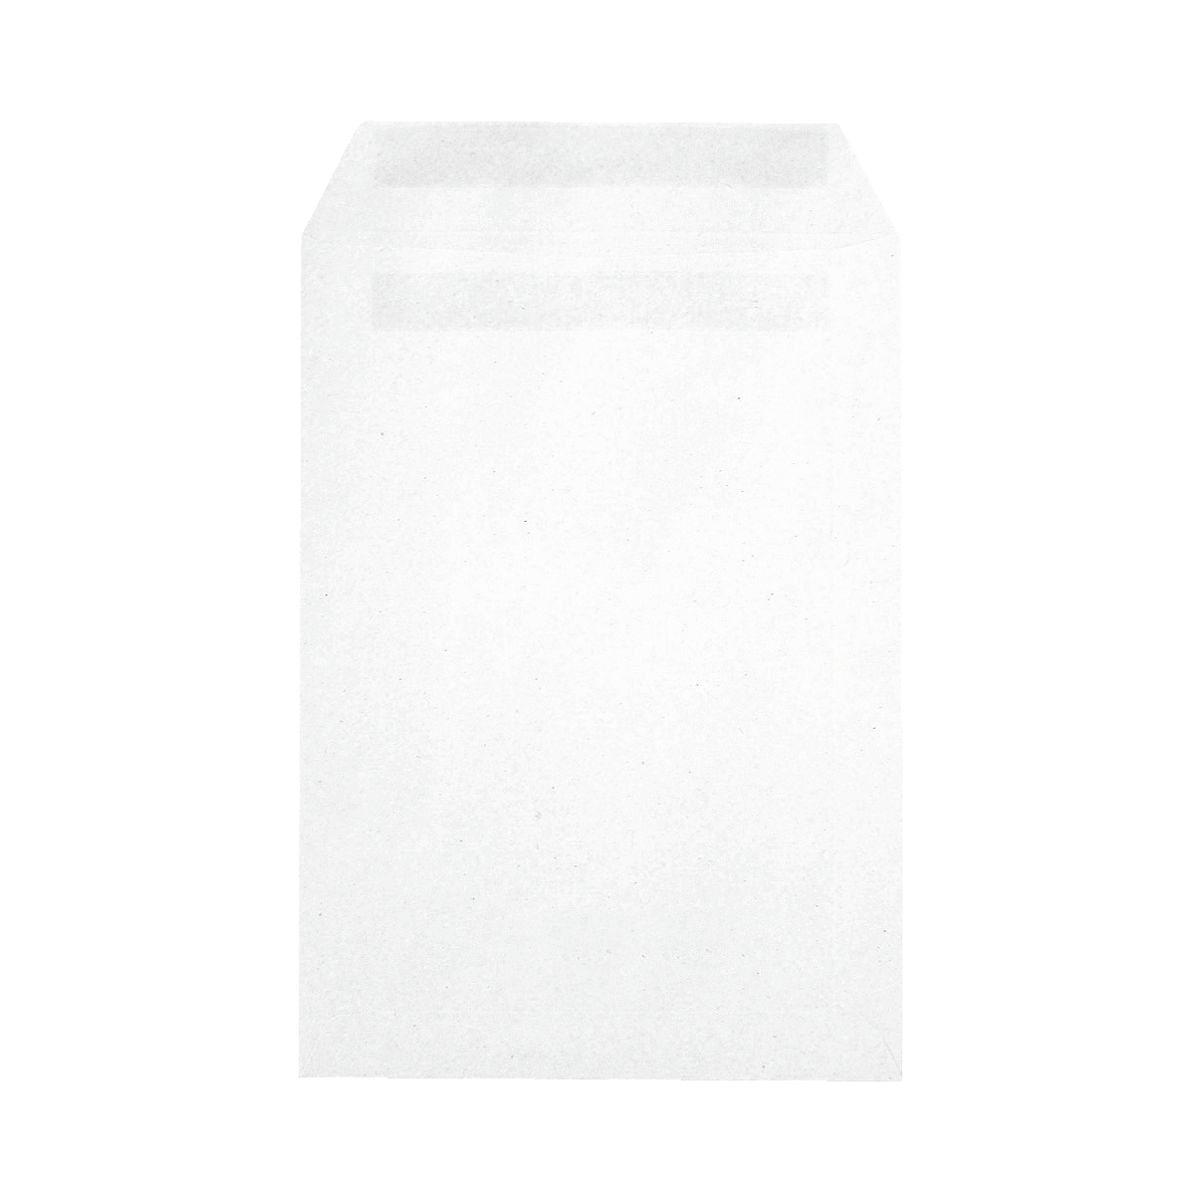 Recycling-Briefumschläge C5 ohne Fenster mit Selbstklebung